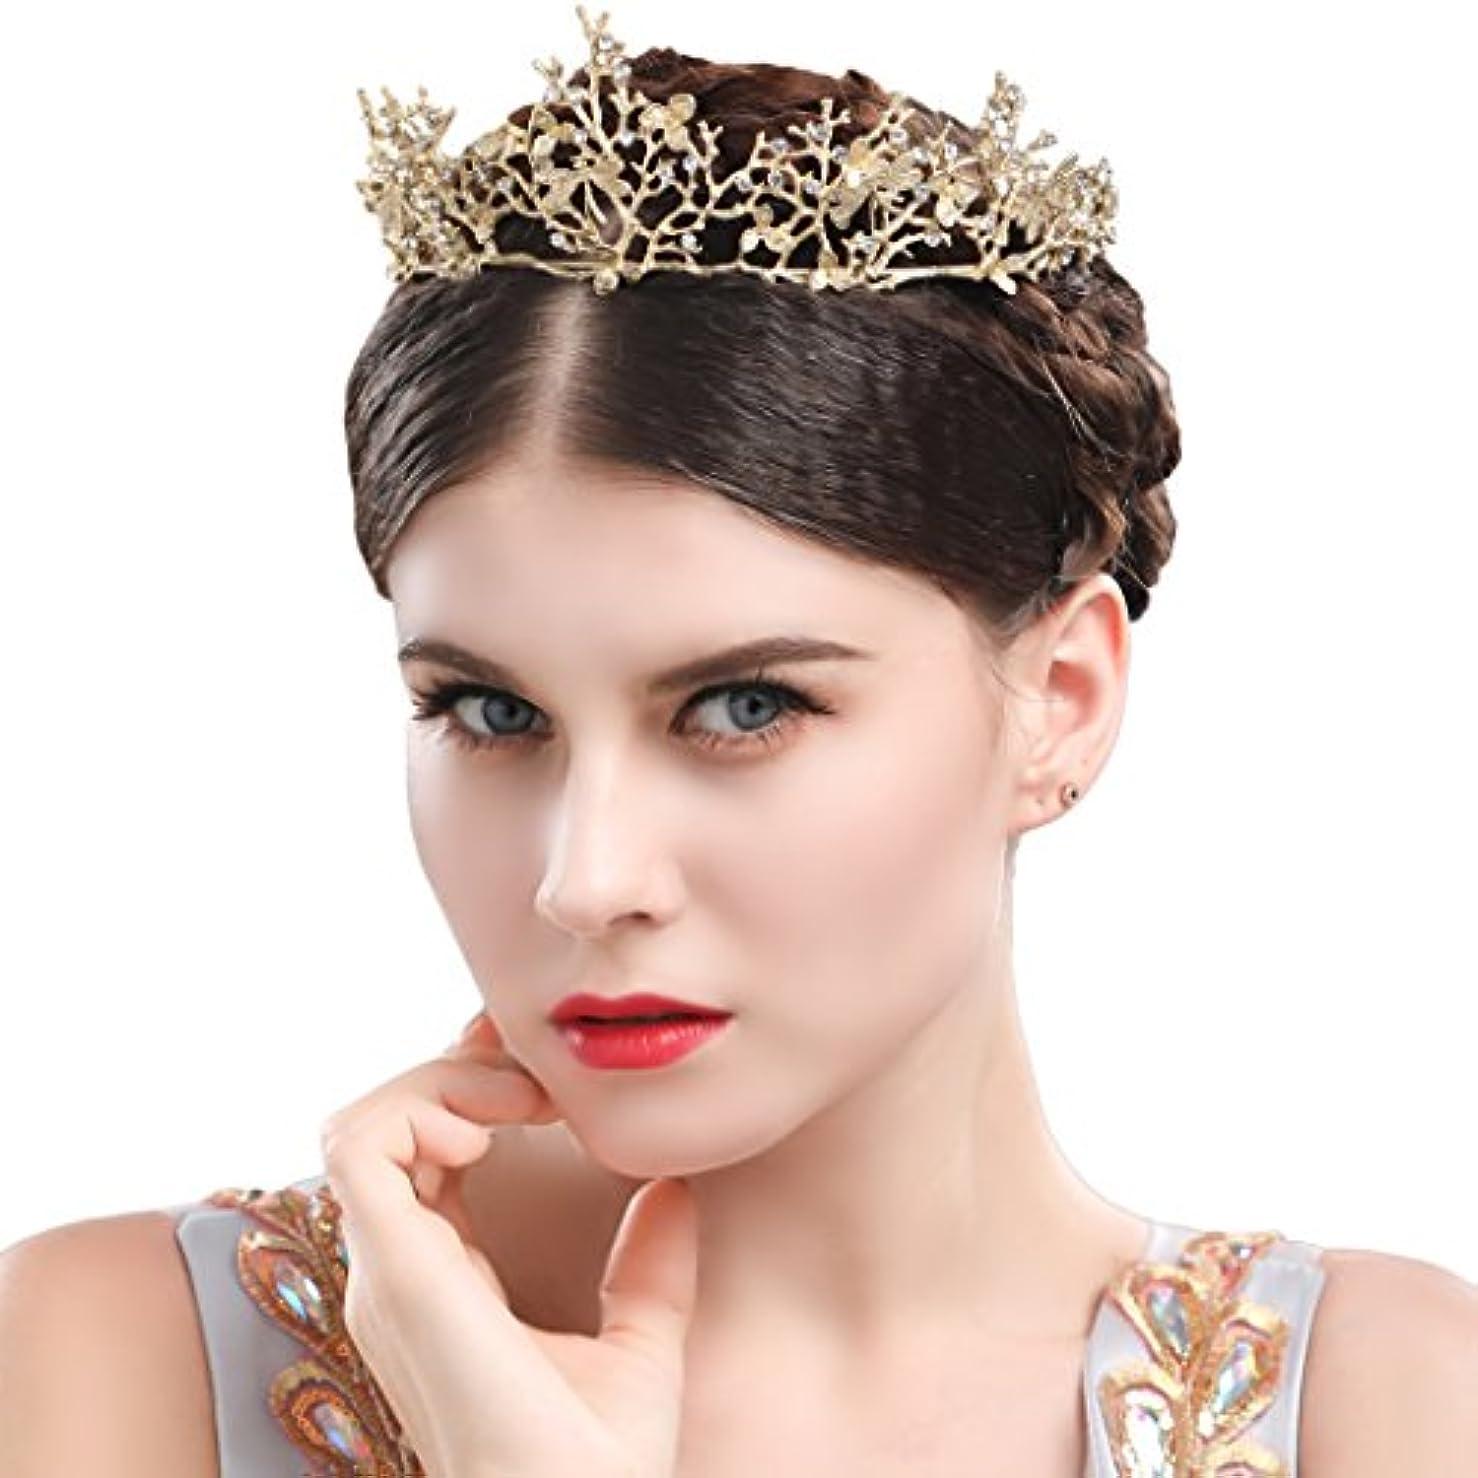 なぞらえる定期的なポテトYeanティアラ 王冠 おうかん クラウン ヘアアクセサリー ゴールド レディース ガールズ 女性 プリンセス 結婚式 ウェディング 花嫁 披露宴 パーティー (Color-05)